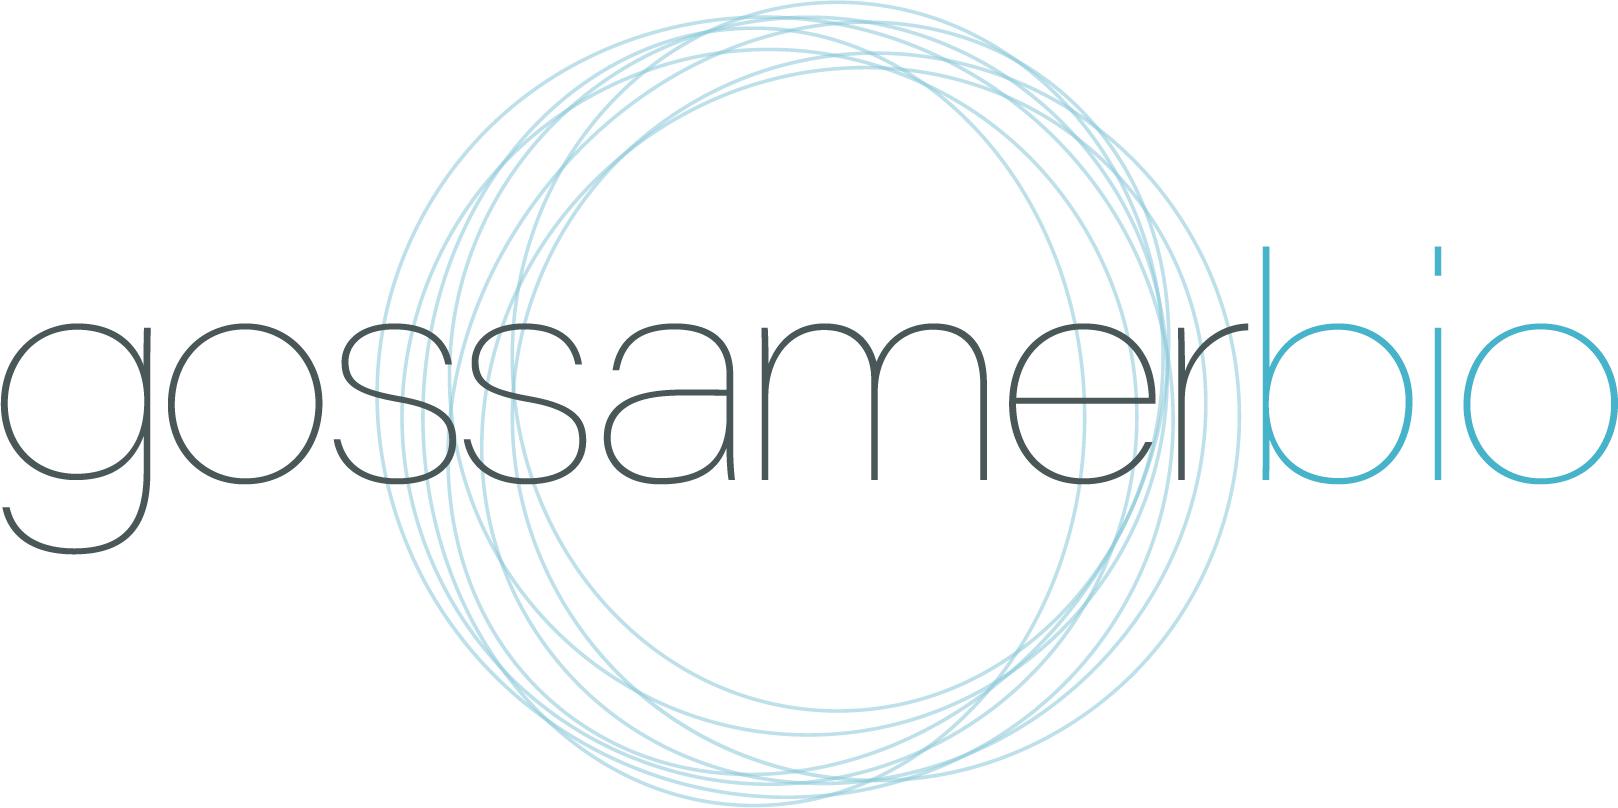 «Госсамер байо» (Gossamer Bio).